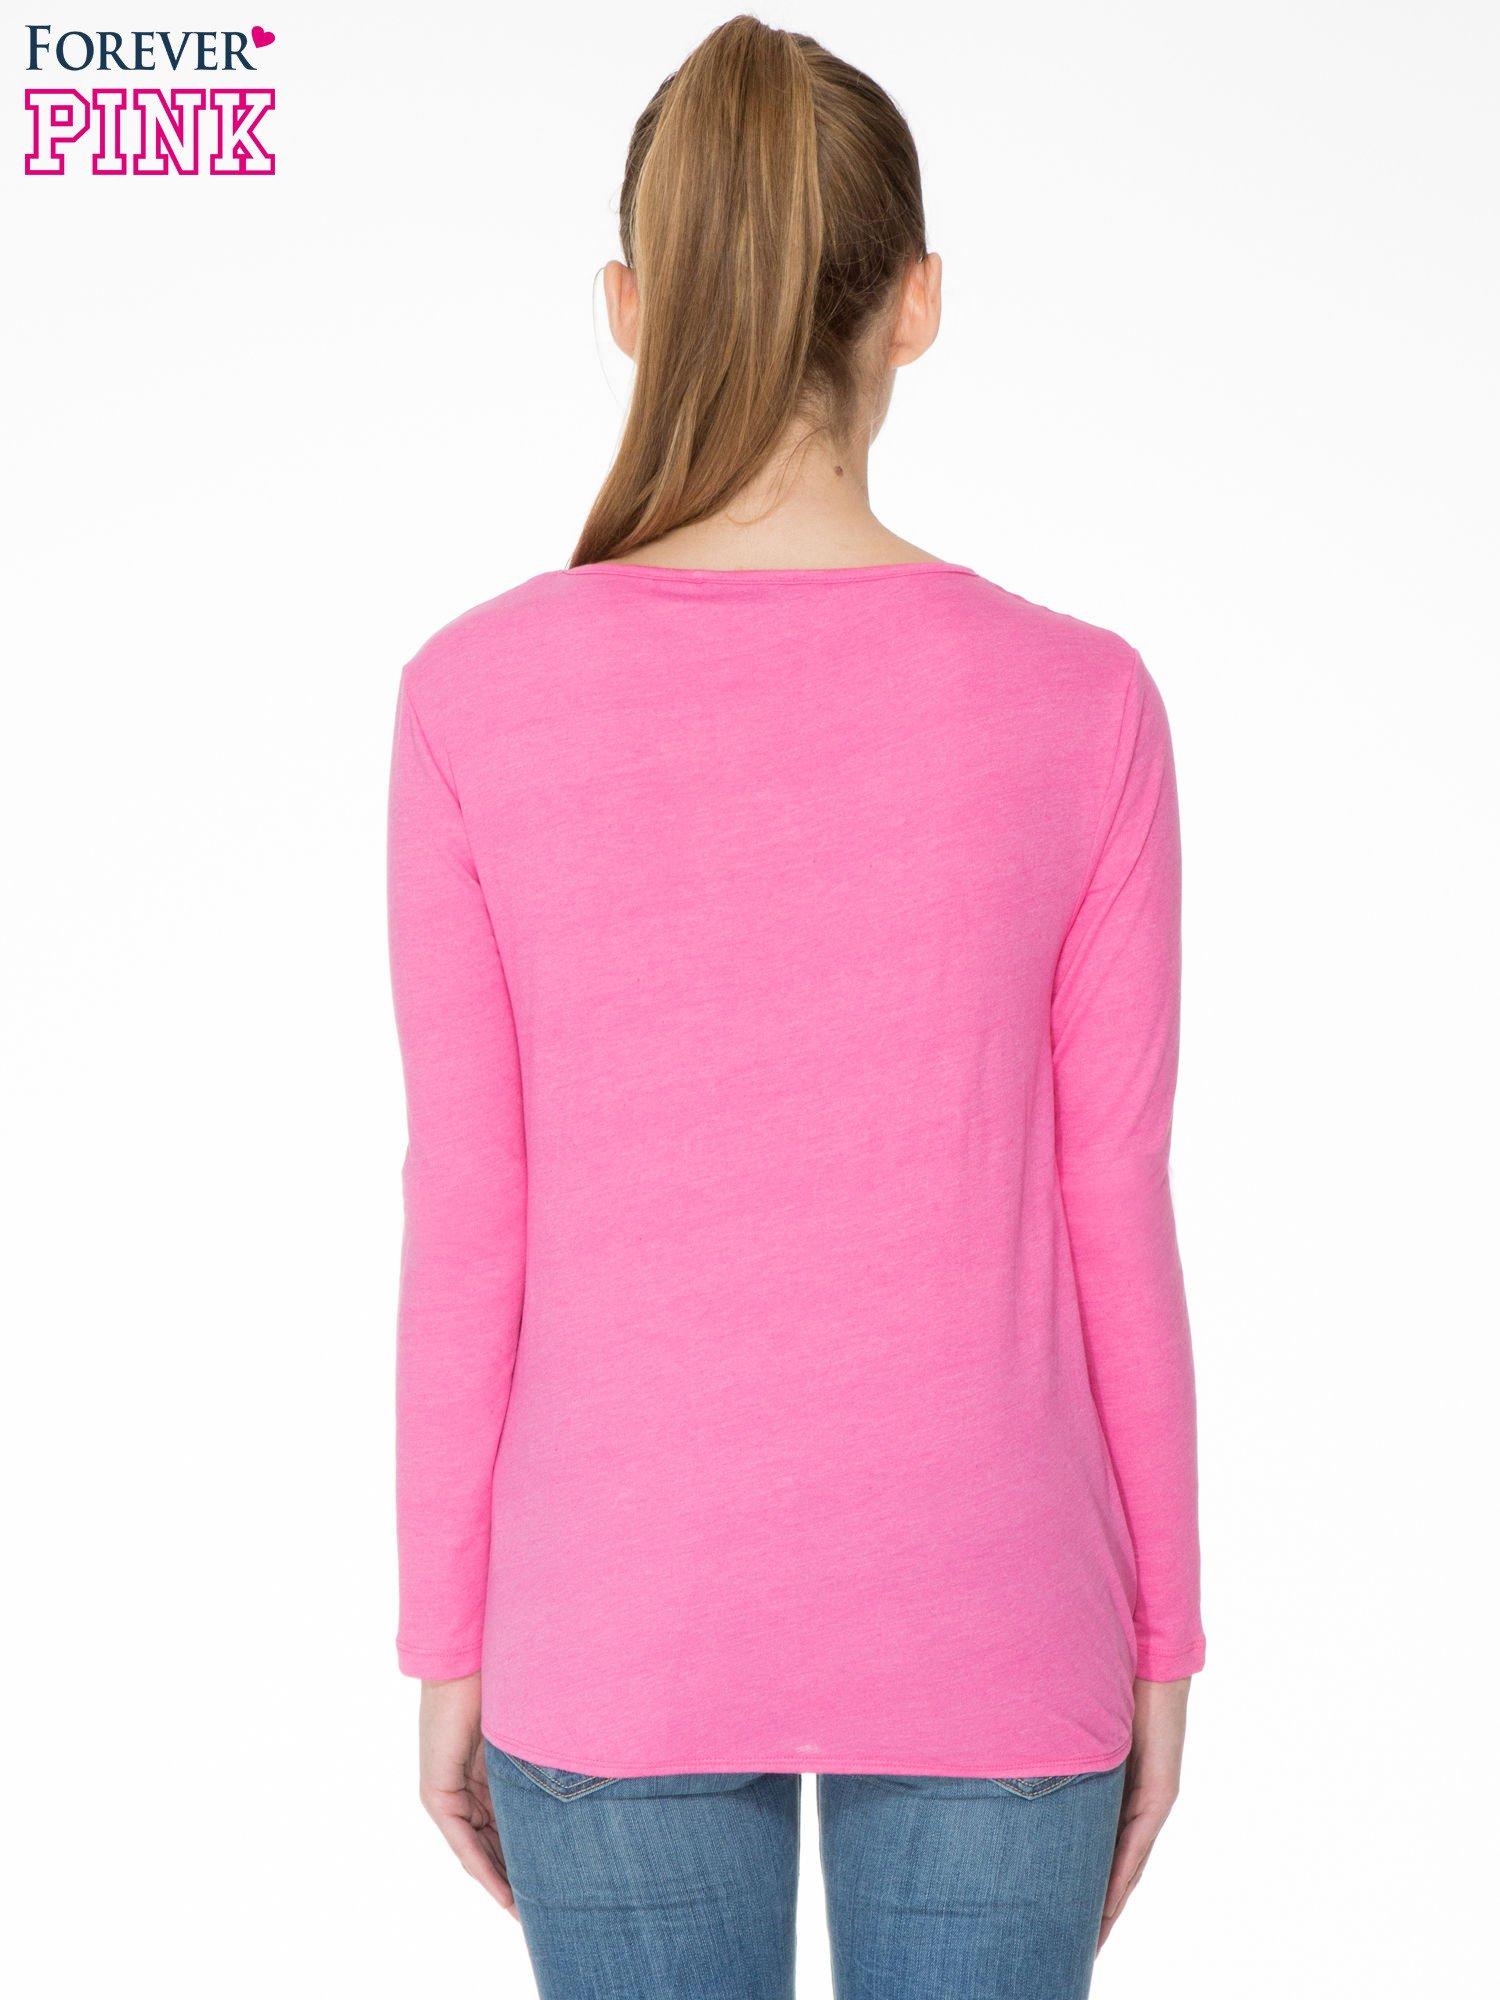 Różowa bawełniana bluzka z gumką na dole                                  zdj.                                  4